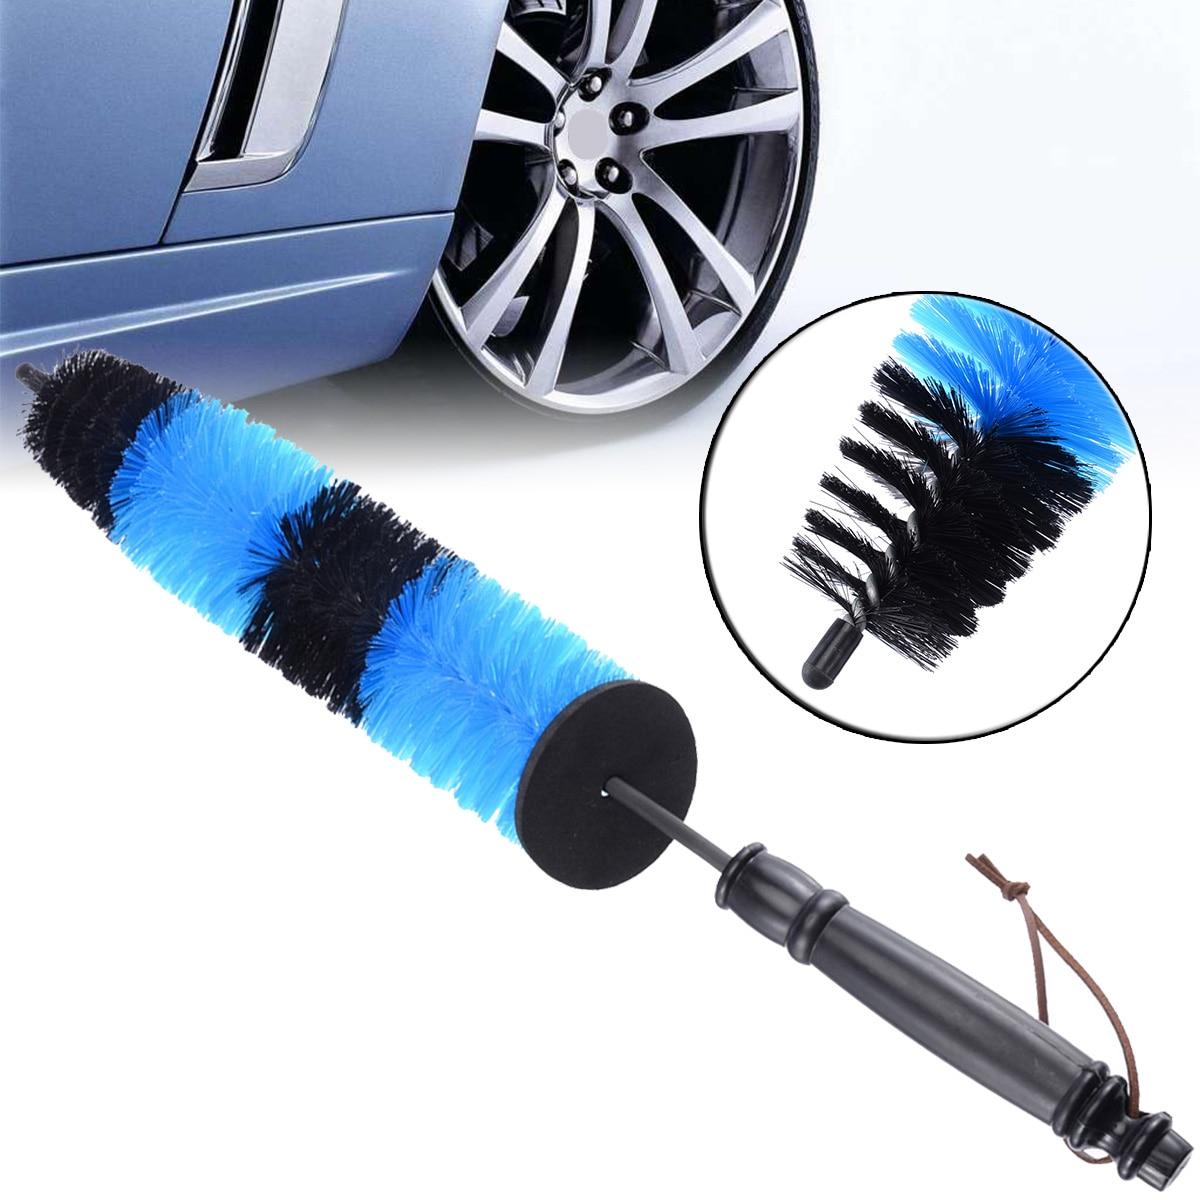 1 шт. многофункциональная щетка для мытья колес автомобильный двигатель решетка двигателя щетка для мытья колес инструмент для очистки обода шин синий